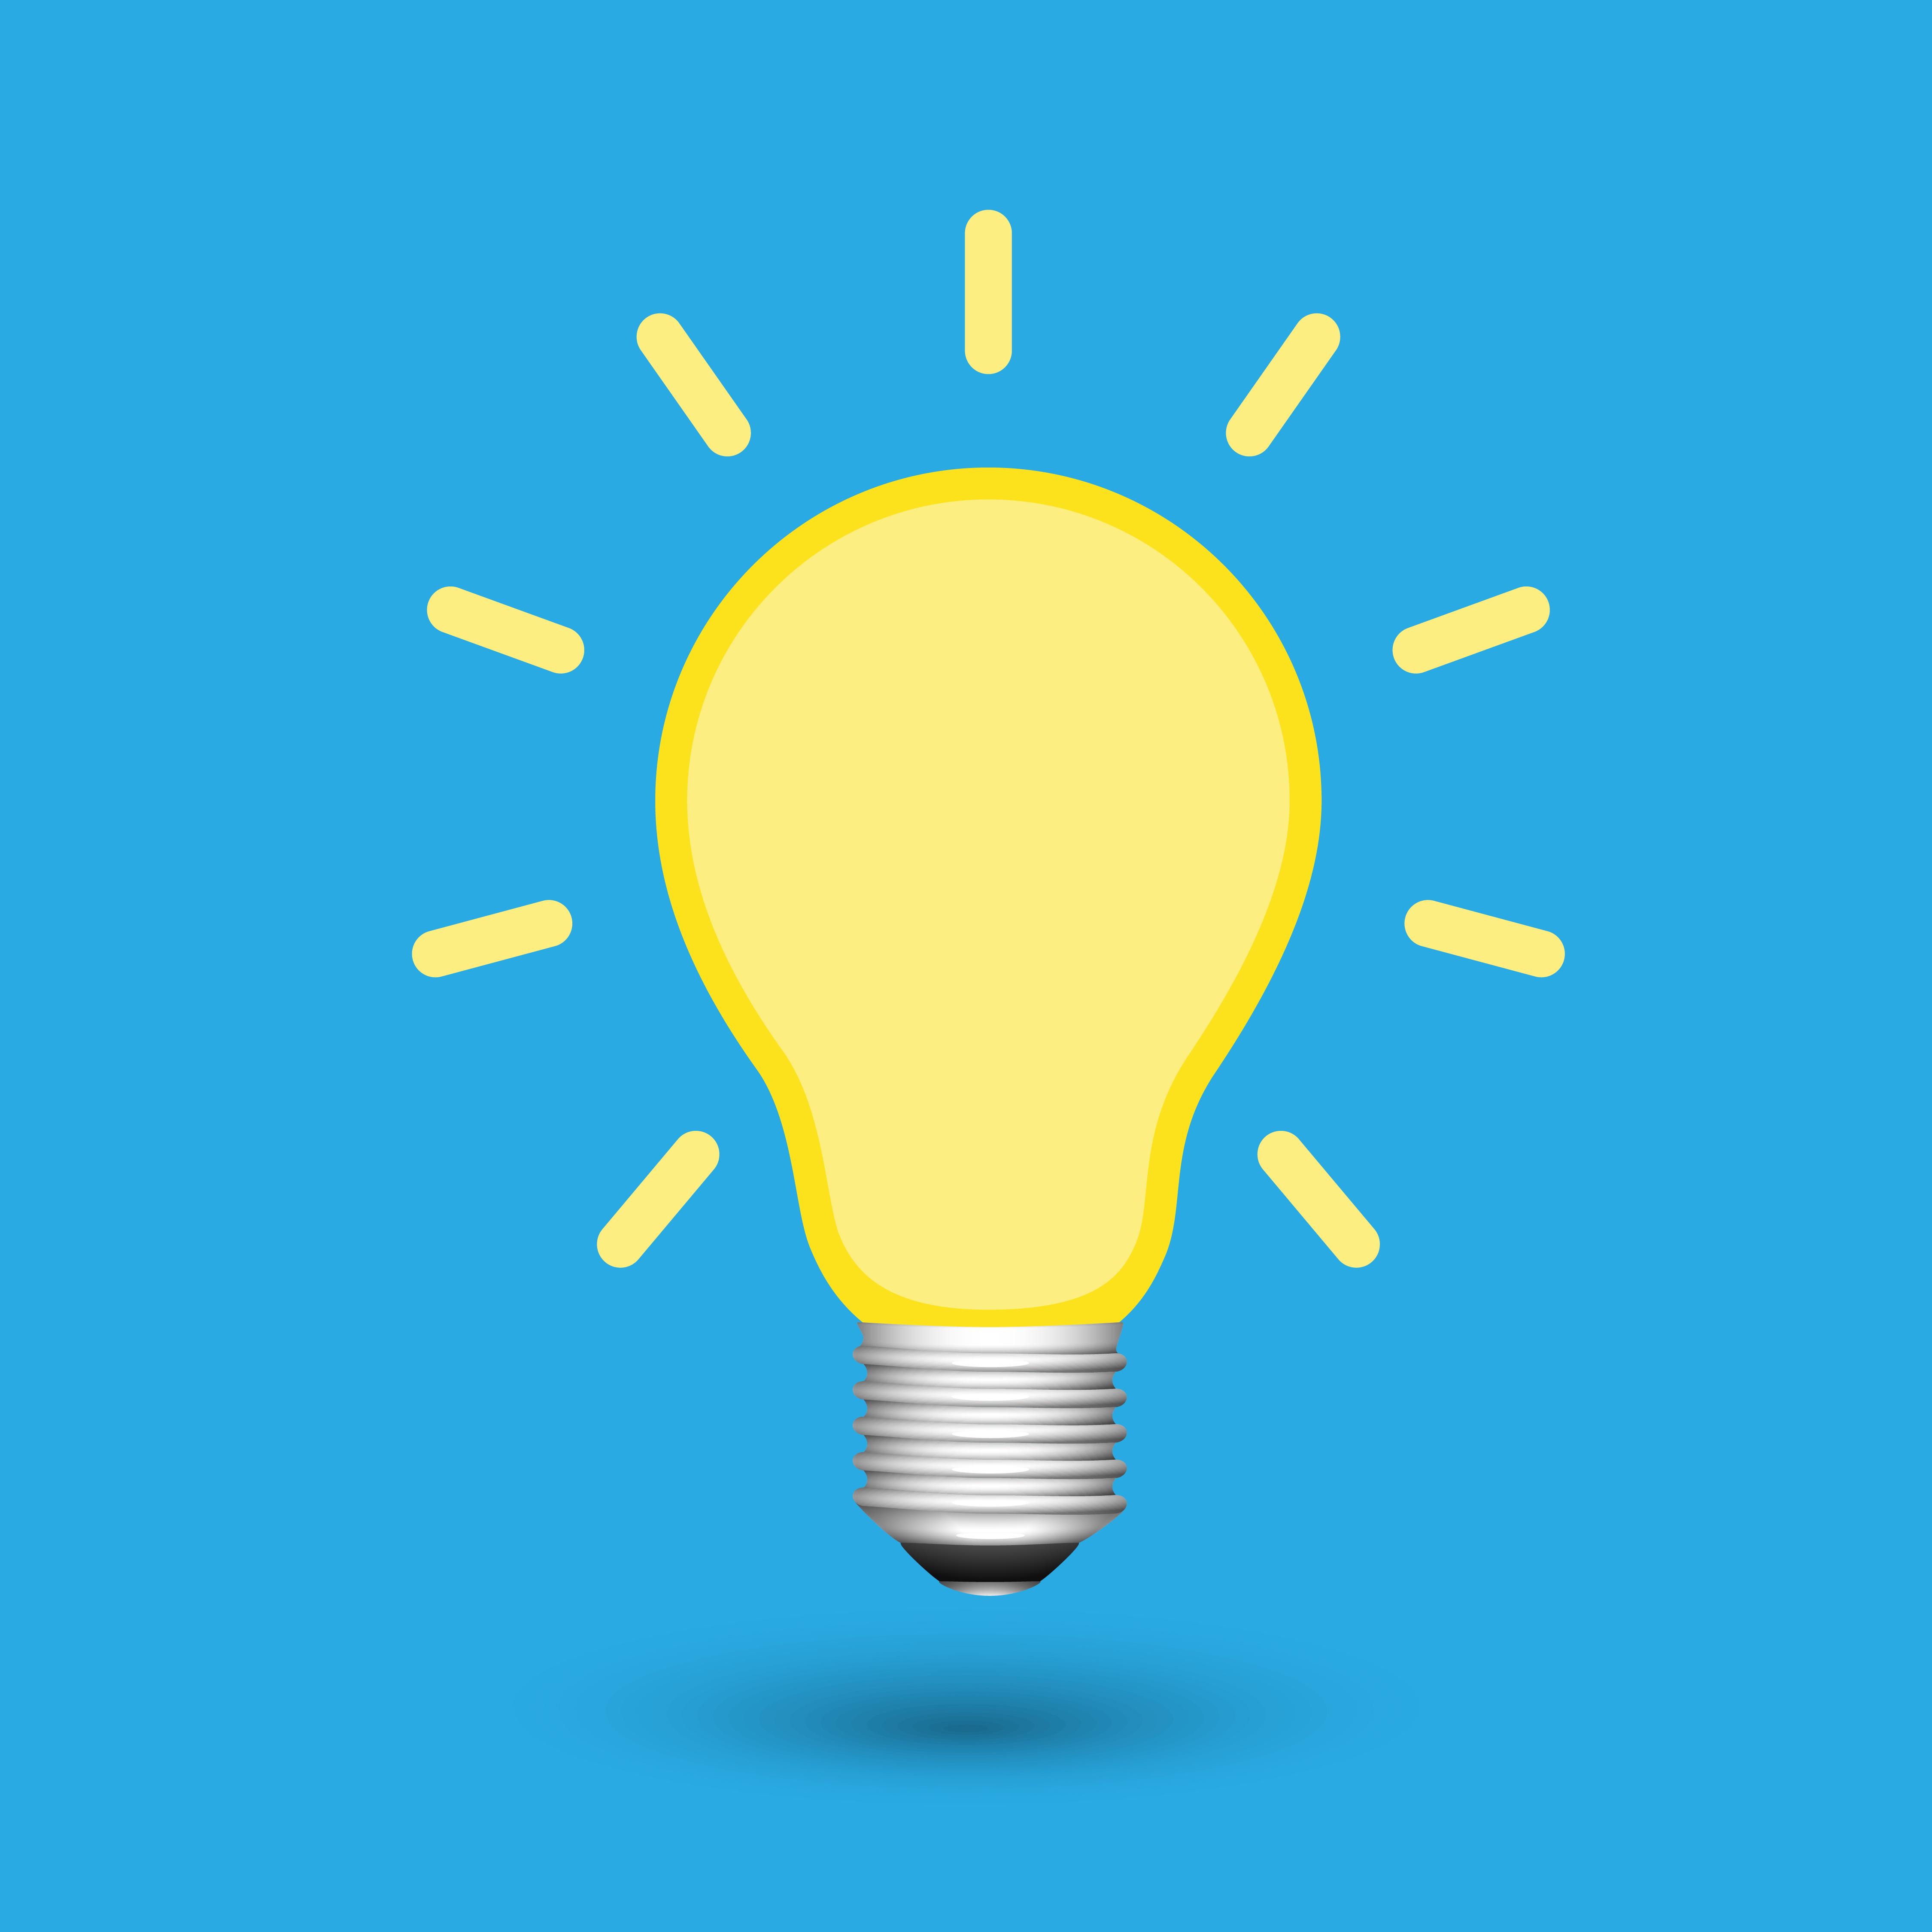 Light bulb creative idea - Download Free Vectors, Clipart ...